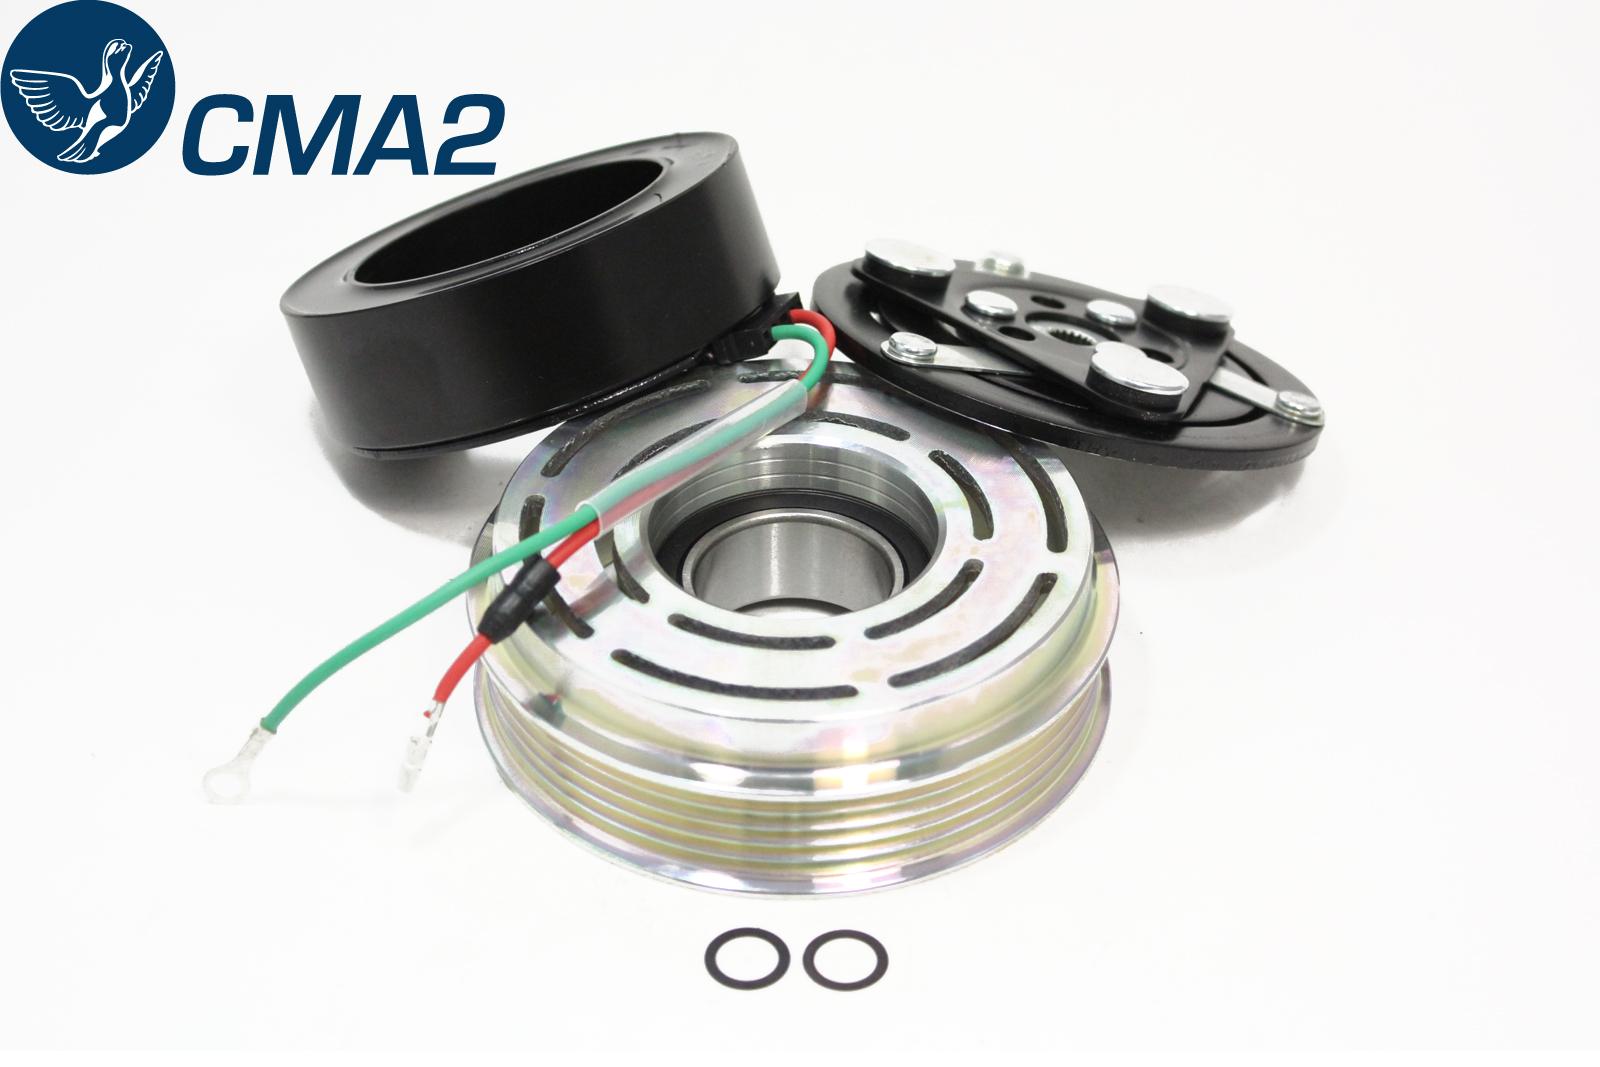 Муфта компрессора кондиционера Хонда Фит, Джаз 38900-RD7-Z01 38924-RLC-014 38924-RLC-004 38900RD7Z01 38924RLC014 38924RLC004.